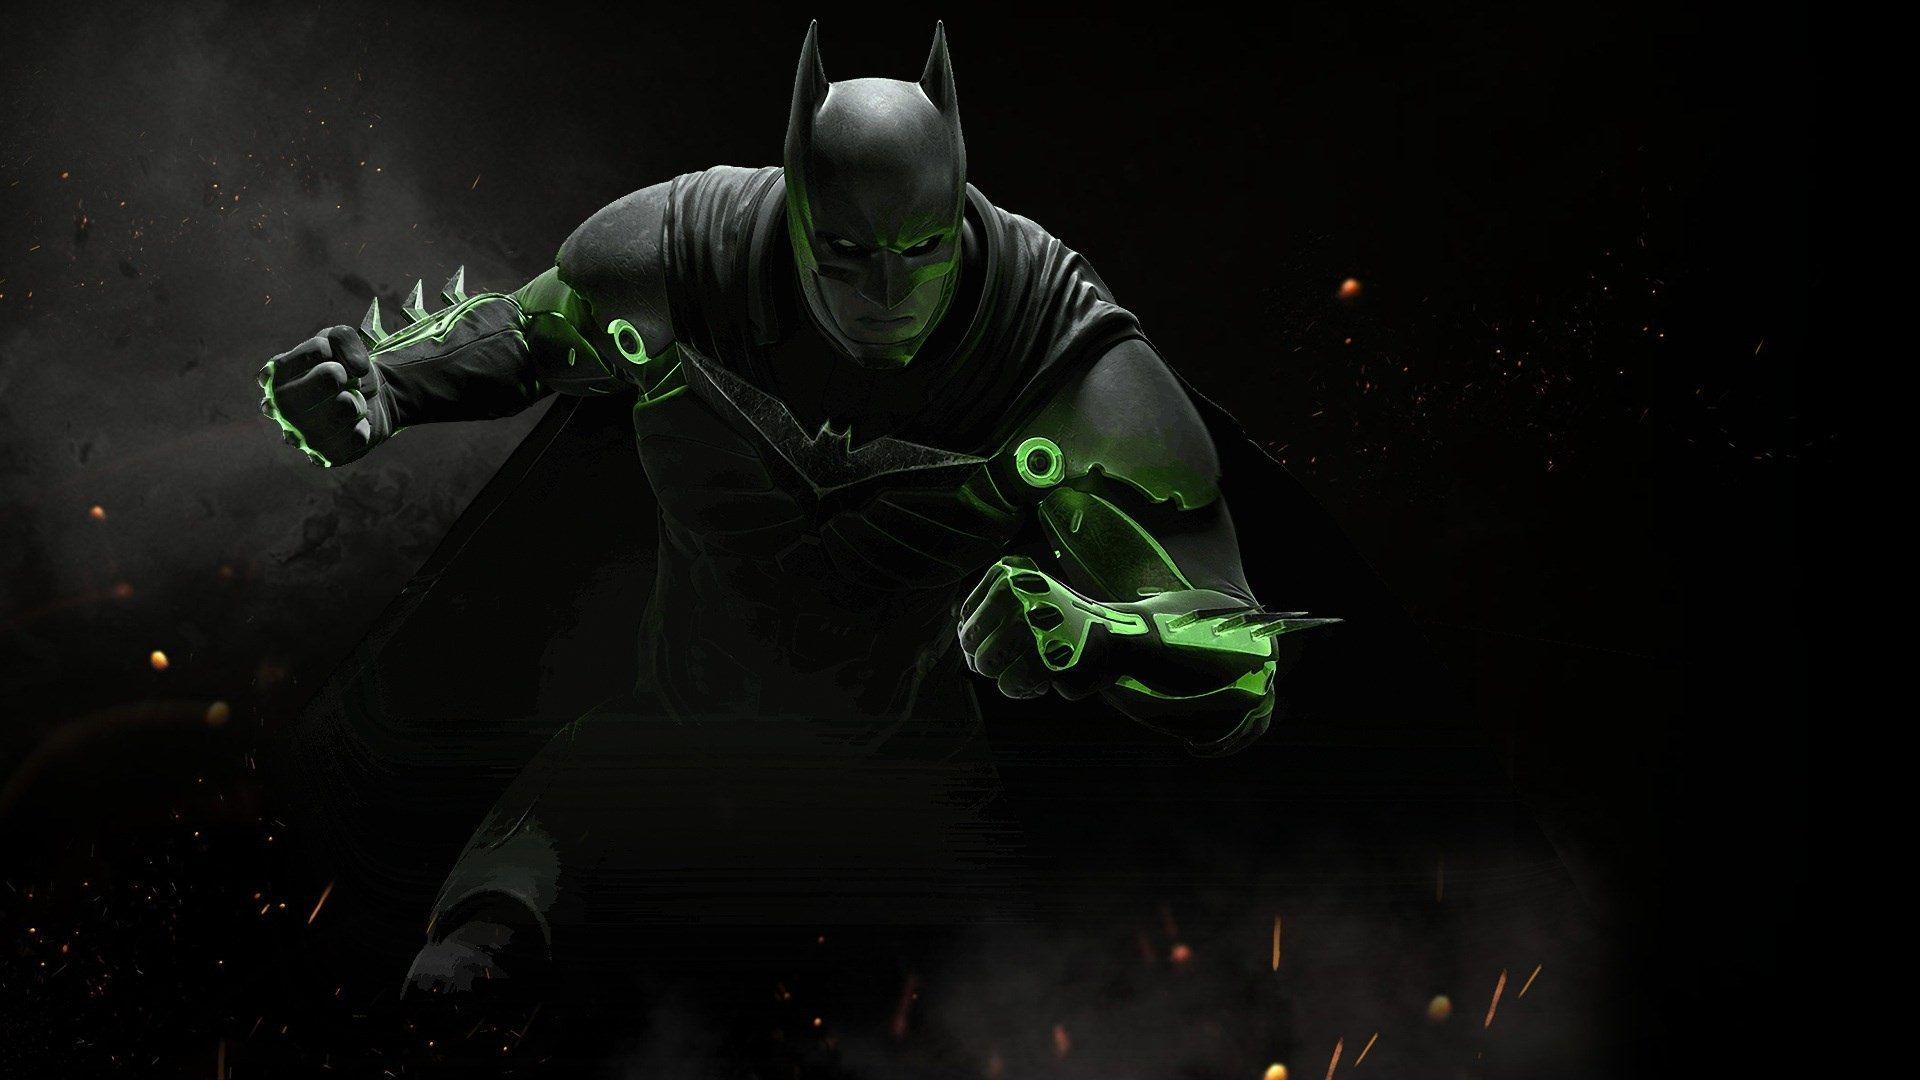 1920x1080 Injustice 2 Wallpaper Desktop Batman Batman Injustice Batman Comic Wallpaper